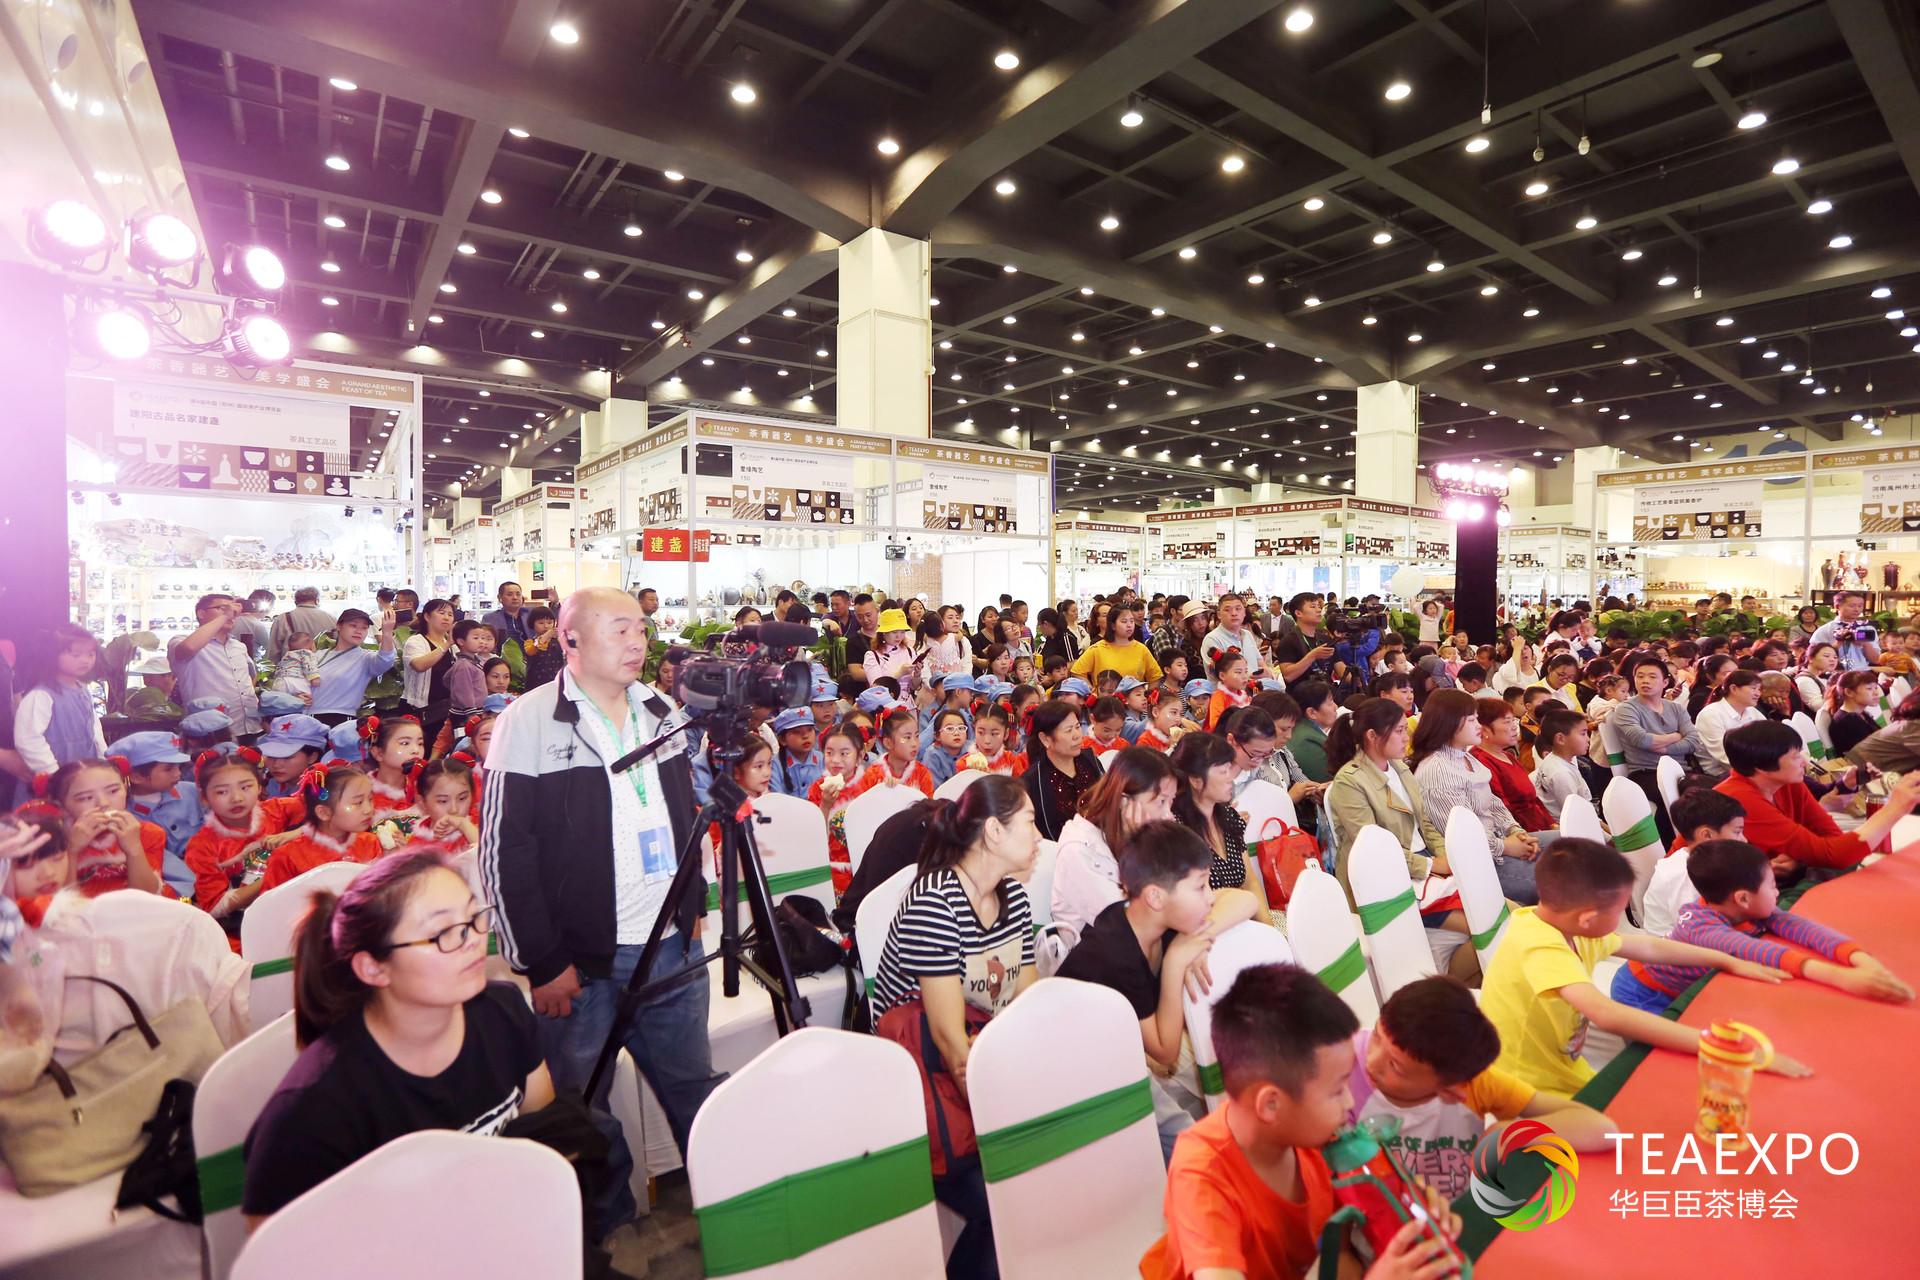 华巨臣第4届郑州茶博会今日开幕,引爆中原茶情-焦点中国网